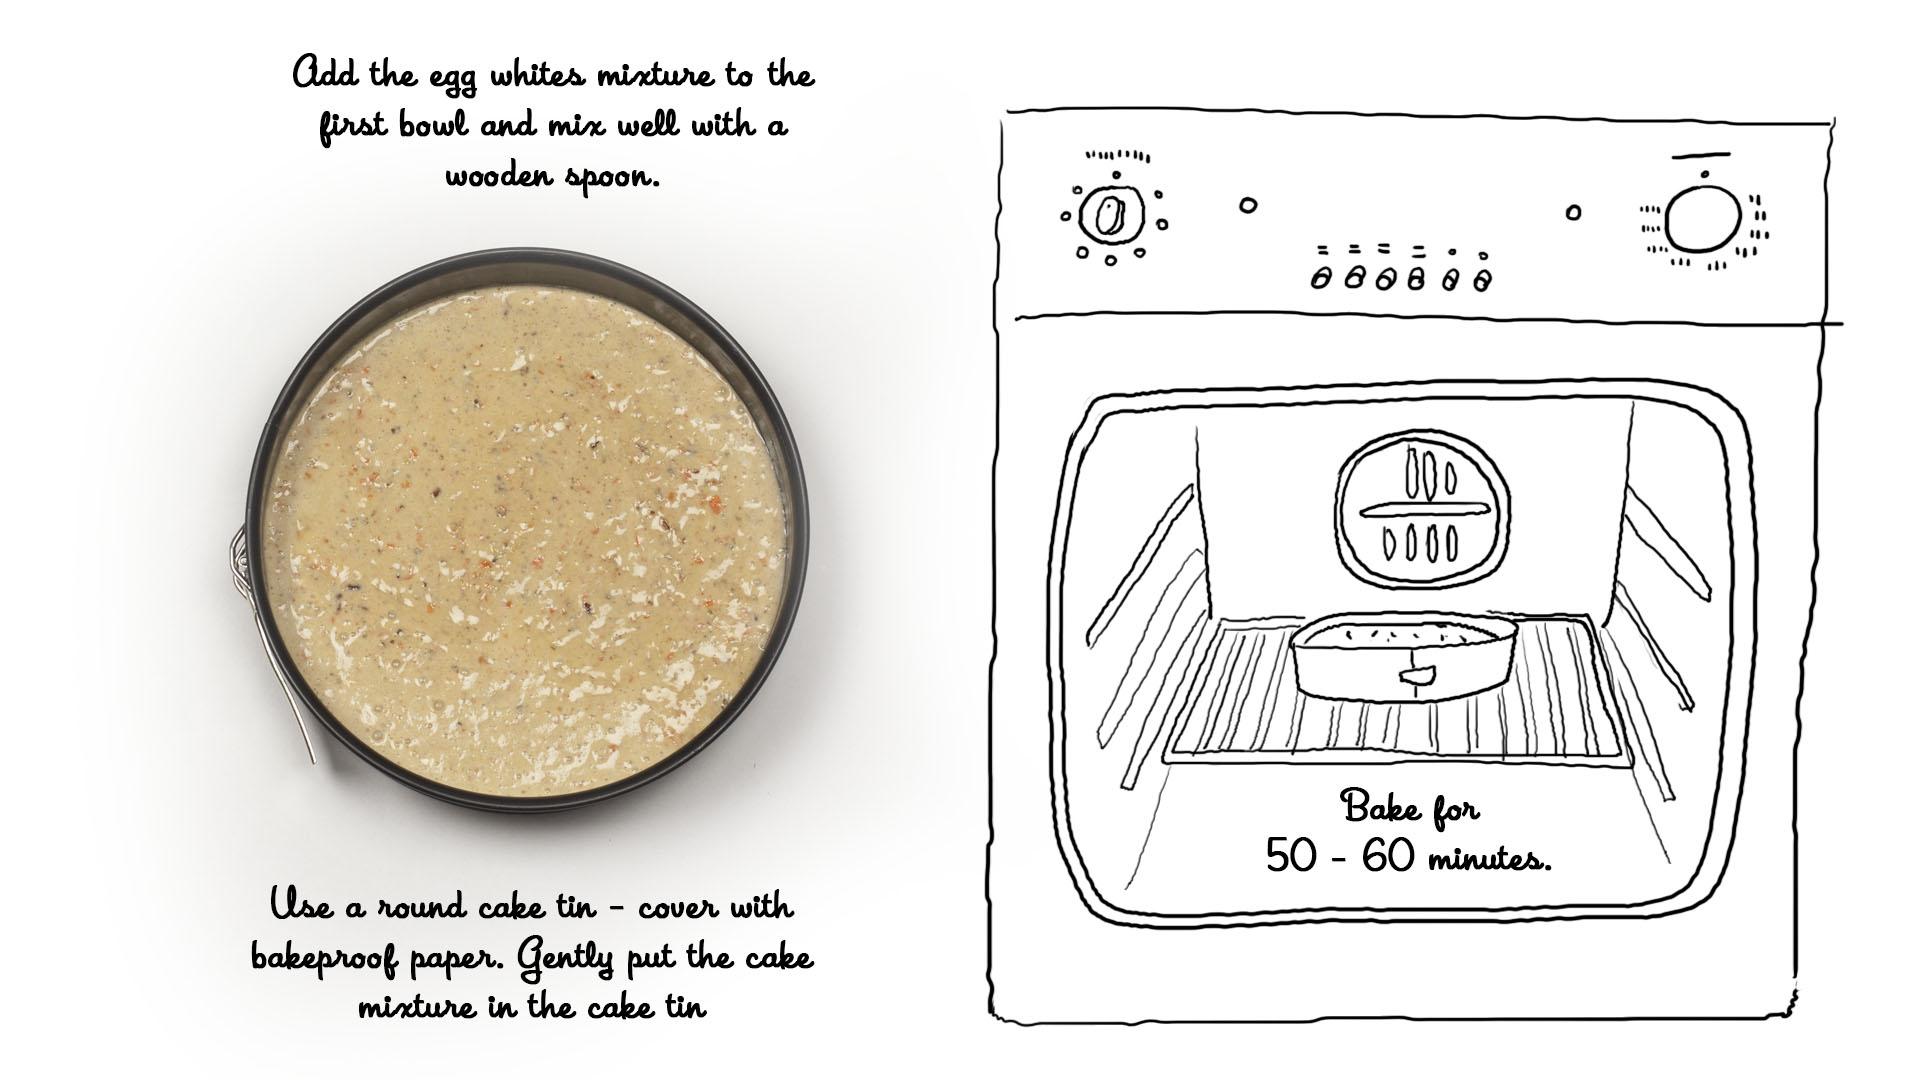 Worteltaart recept stap 3: spatel het eiwitmengsel onder het beslag in de eerste kom en plaats gedurende 50-60 minuten in de oven.